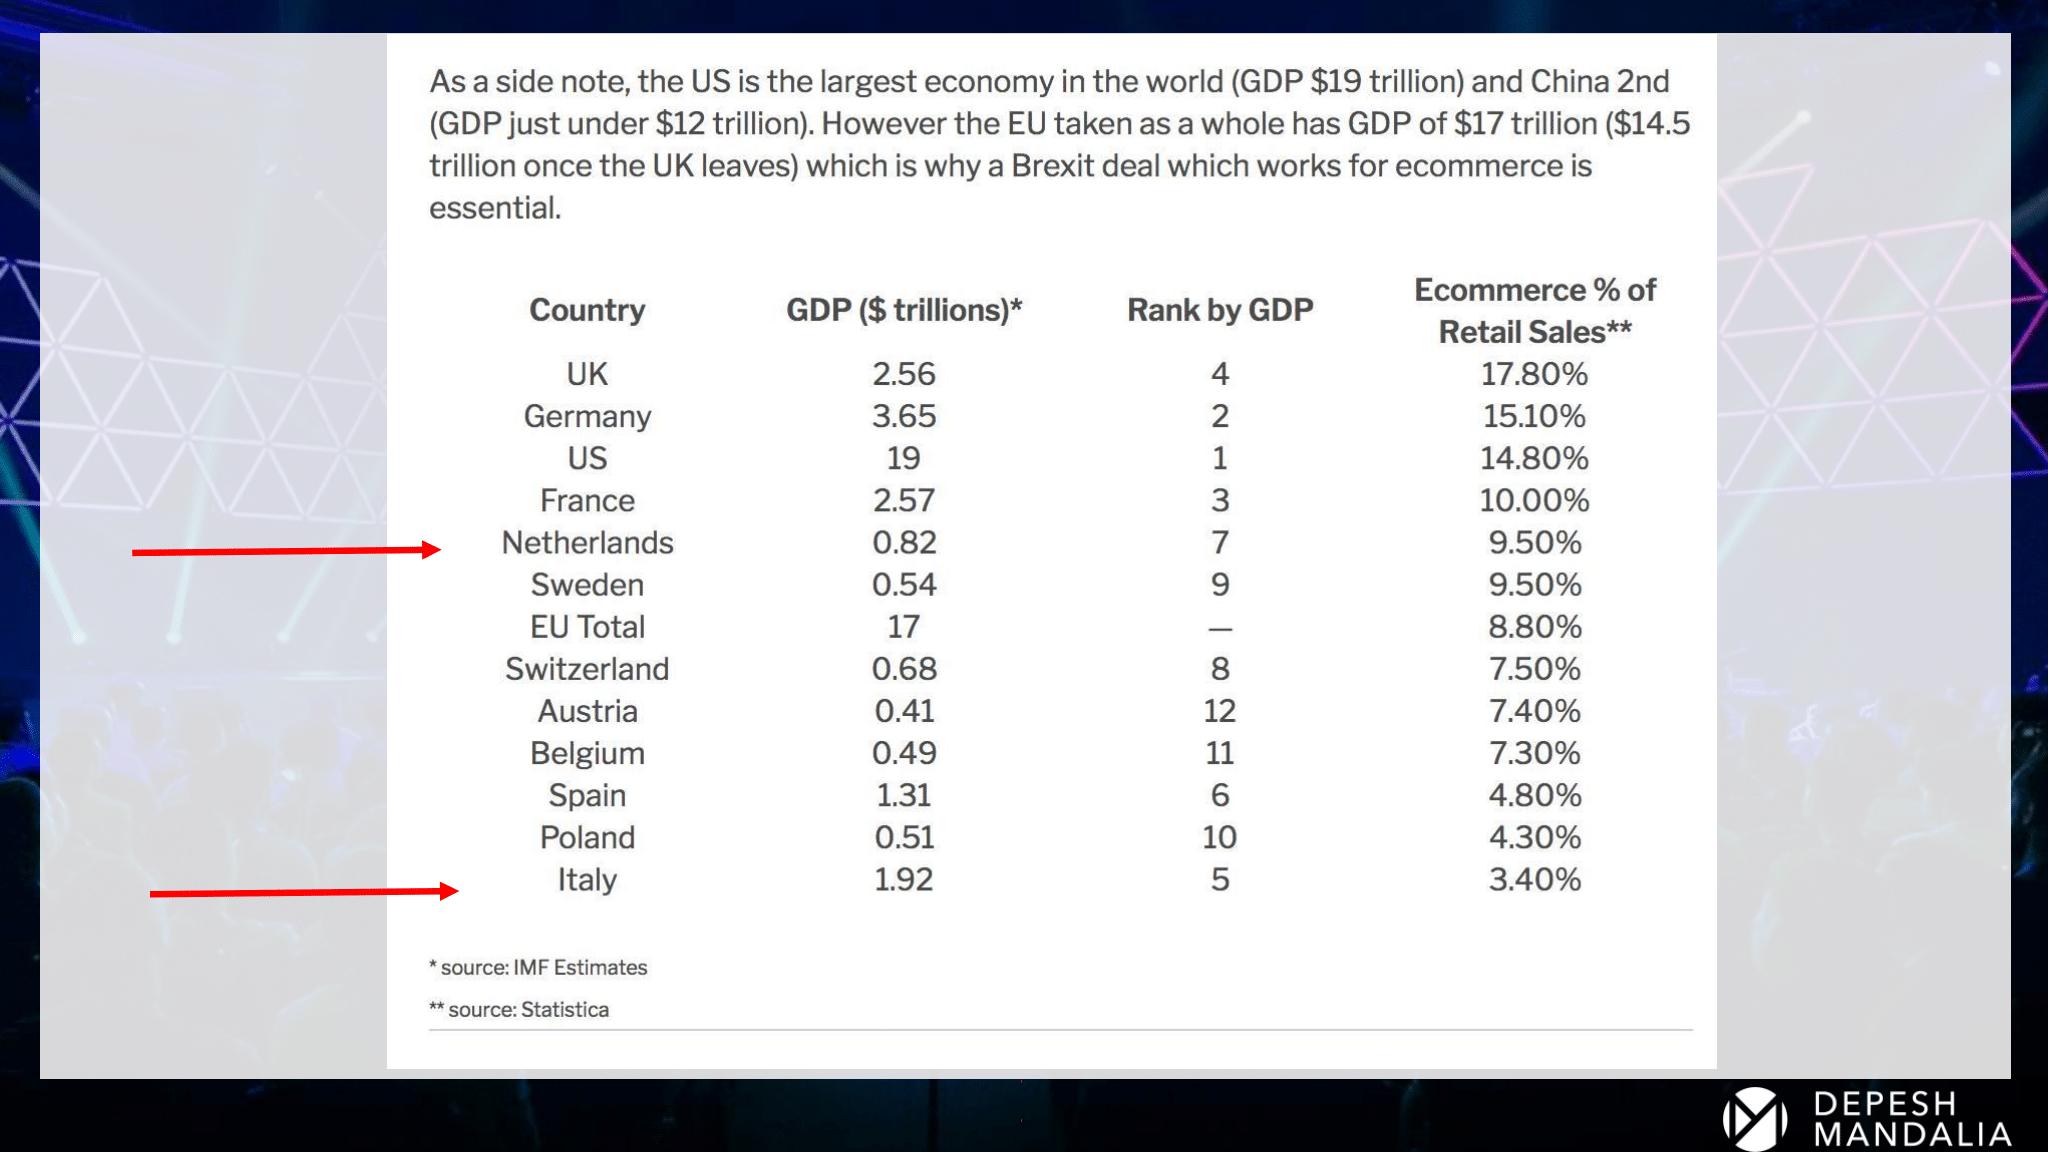 Depesh Mandalia – Scale Global